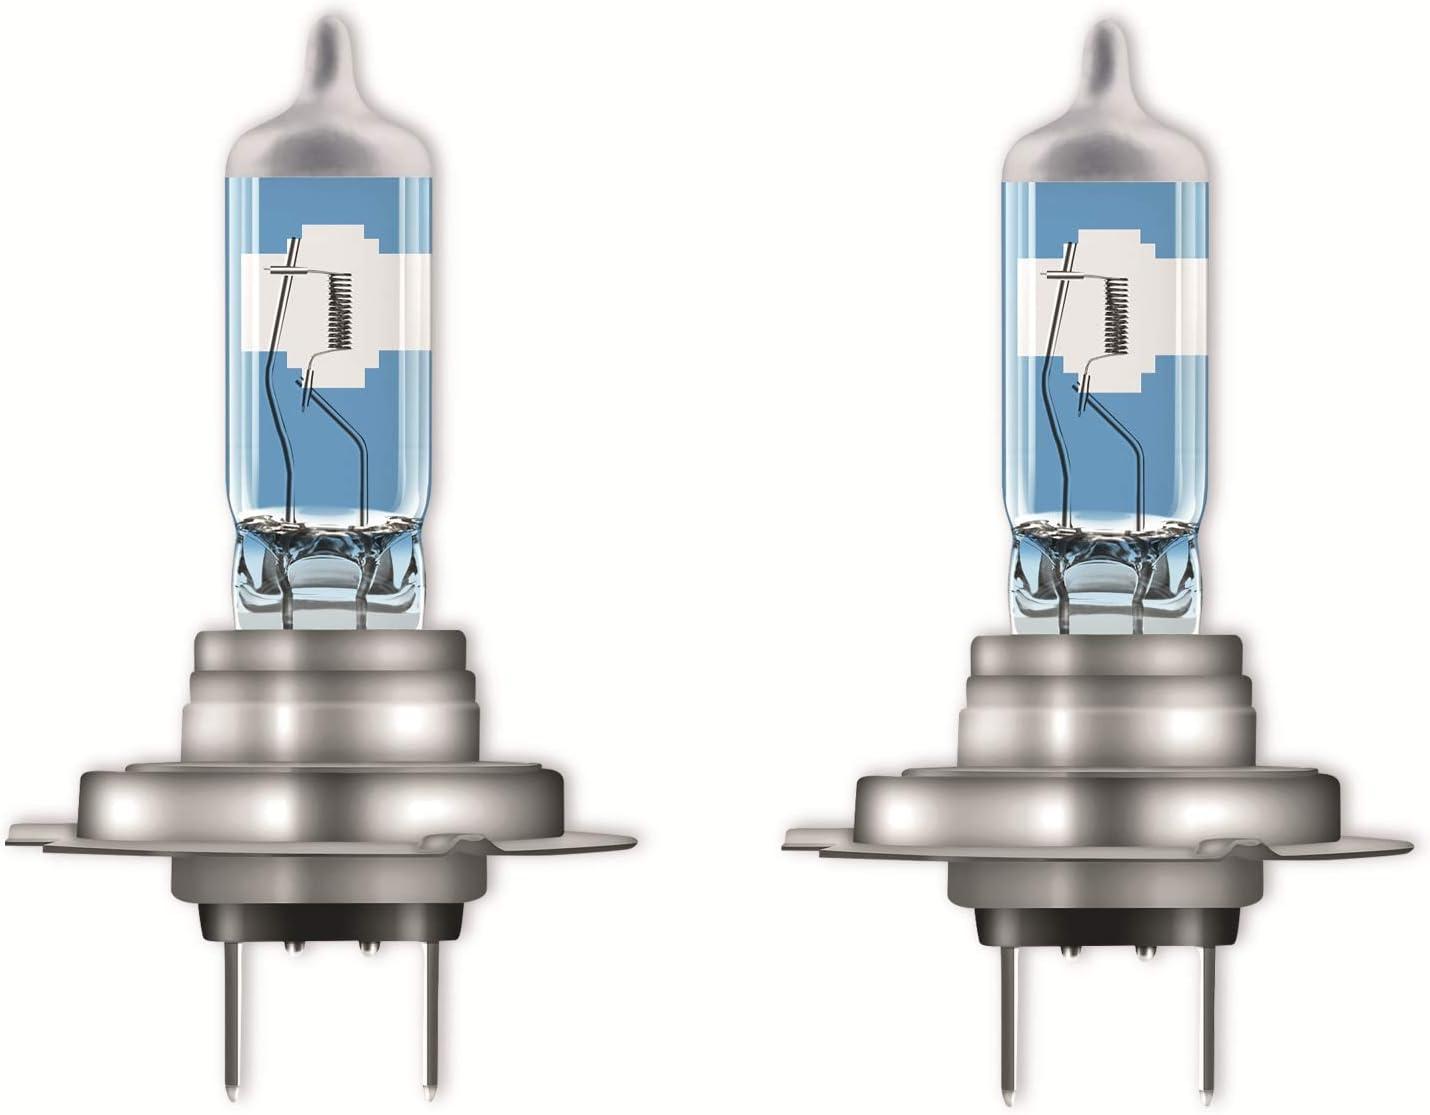 OSRAM NIGHT BREAKER LASER H7, Gen 2, +150% más luz, bombillas H7 para faros delanteros, 64210NL-HCB, 12V, duo box (2 lámparas)